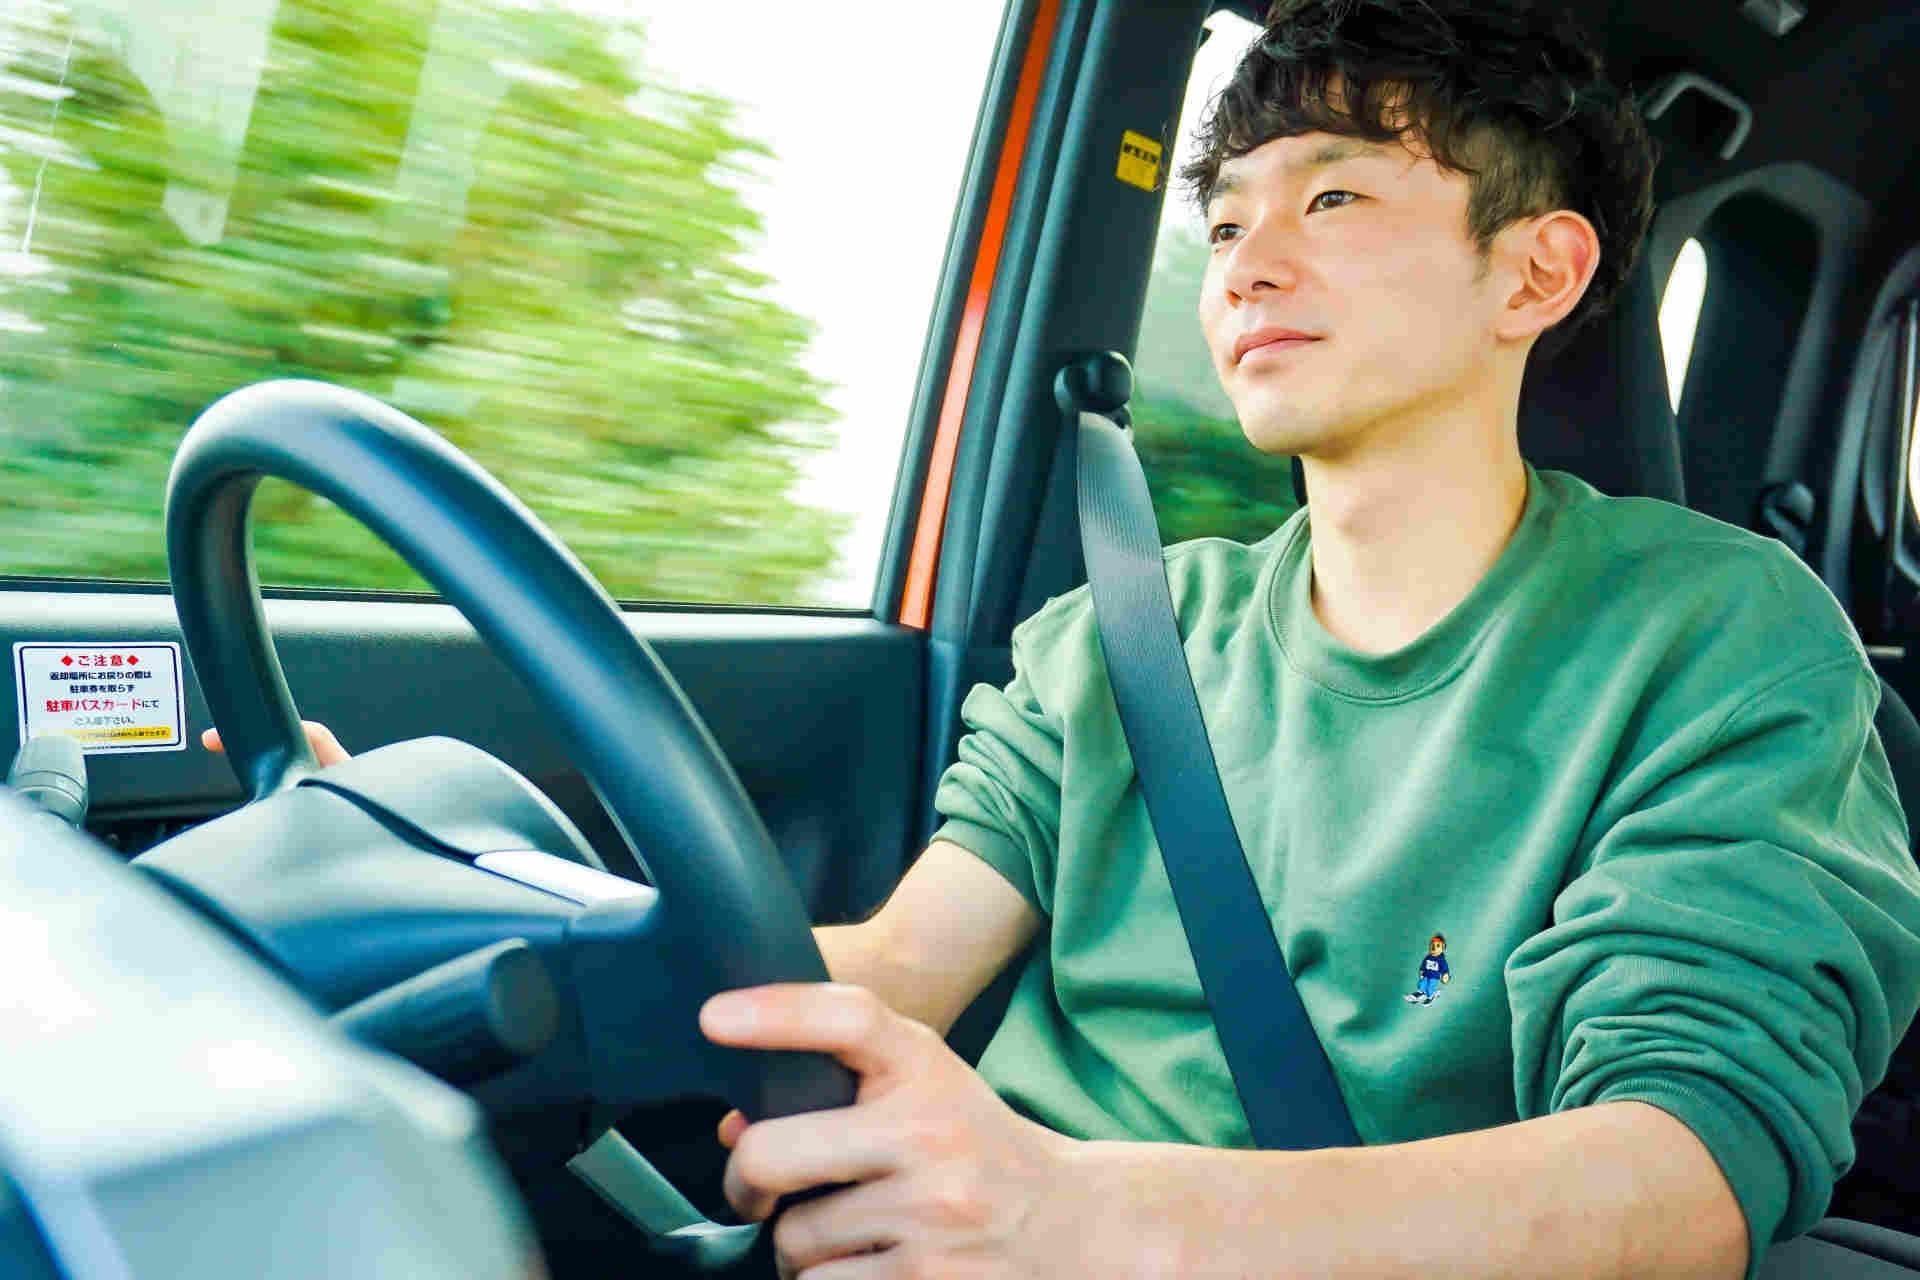 車を運転する緑のセーターを着た平凡そうな男性